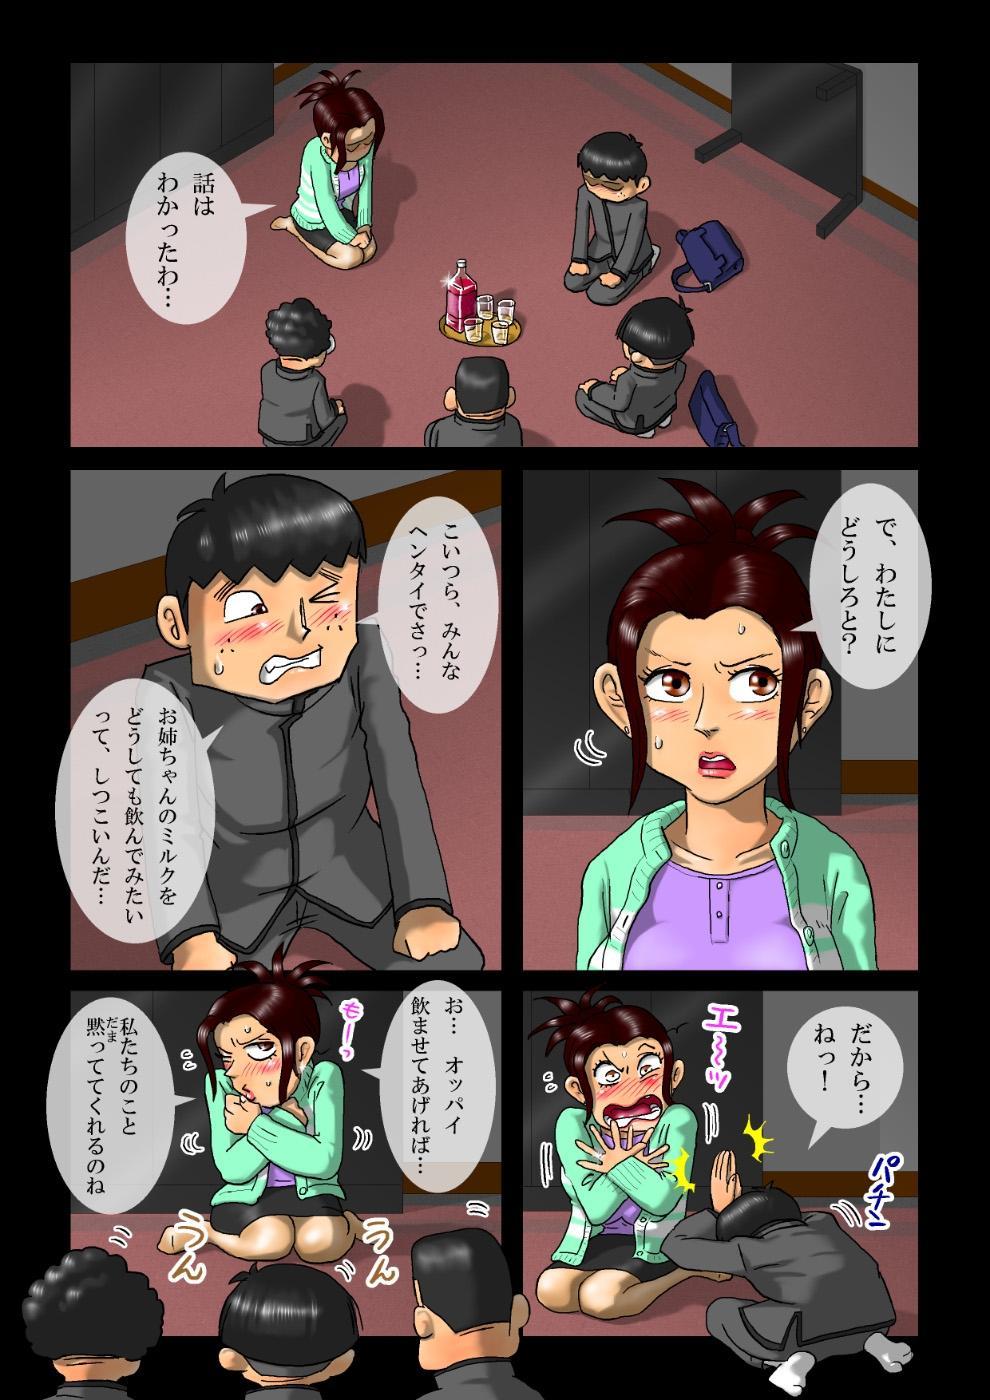 Milk Ippai no Seishun Kanketsuhen 5